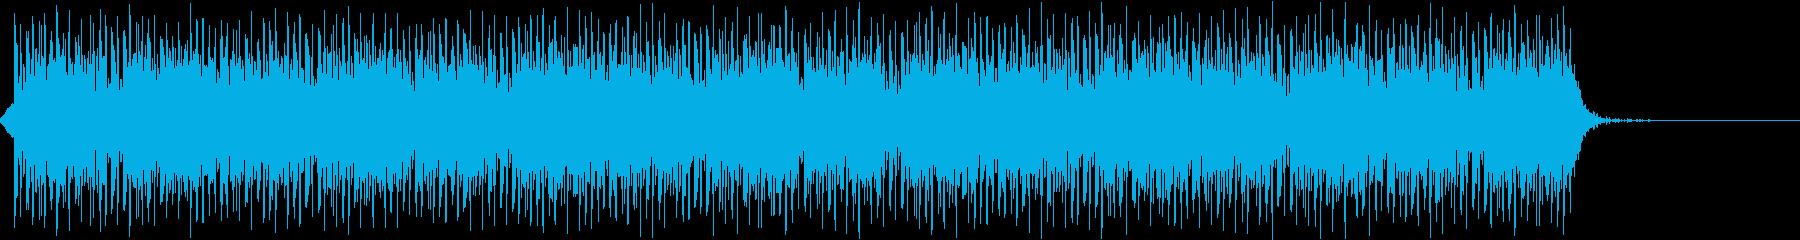 ミッション・作戦・ドッキリ・サイバーの再生済みの波形